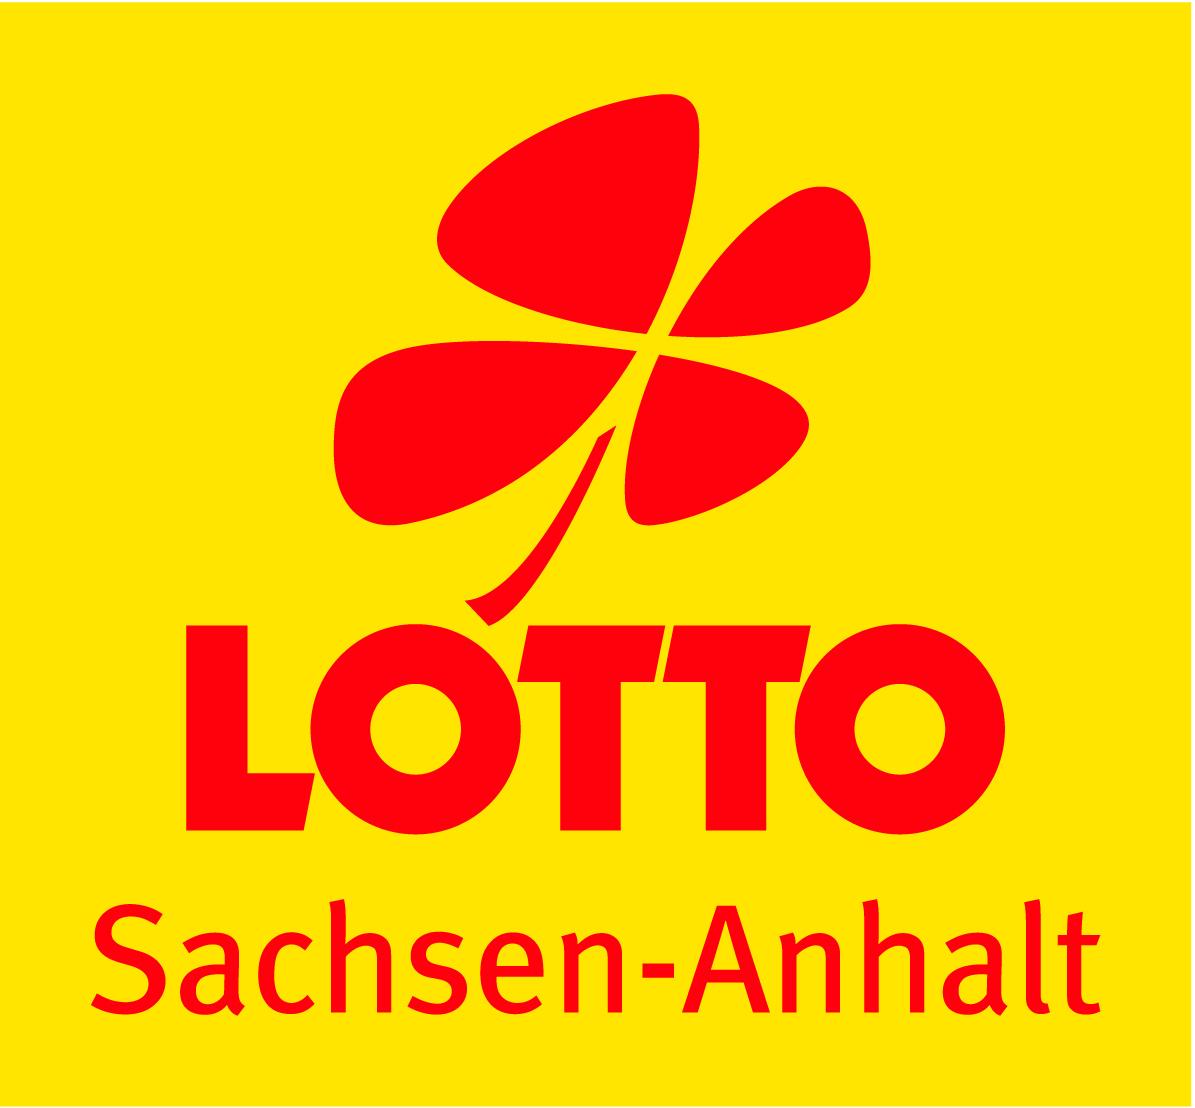 Lotto Sachsen-Anhalt fördert im Jahre 2015 den Nachwuchsleistungssport im Ju-Jutsu Verband Sachsen-Anhalt